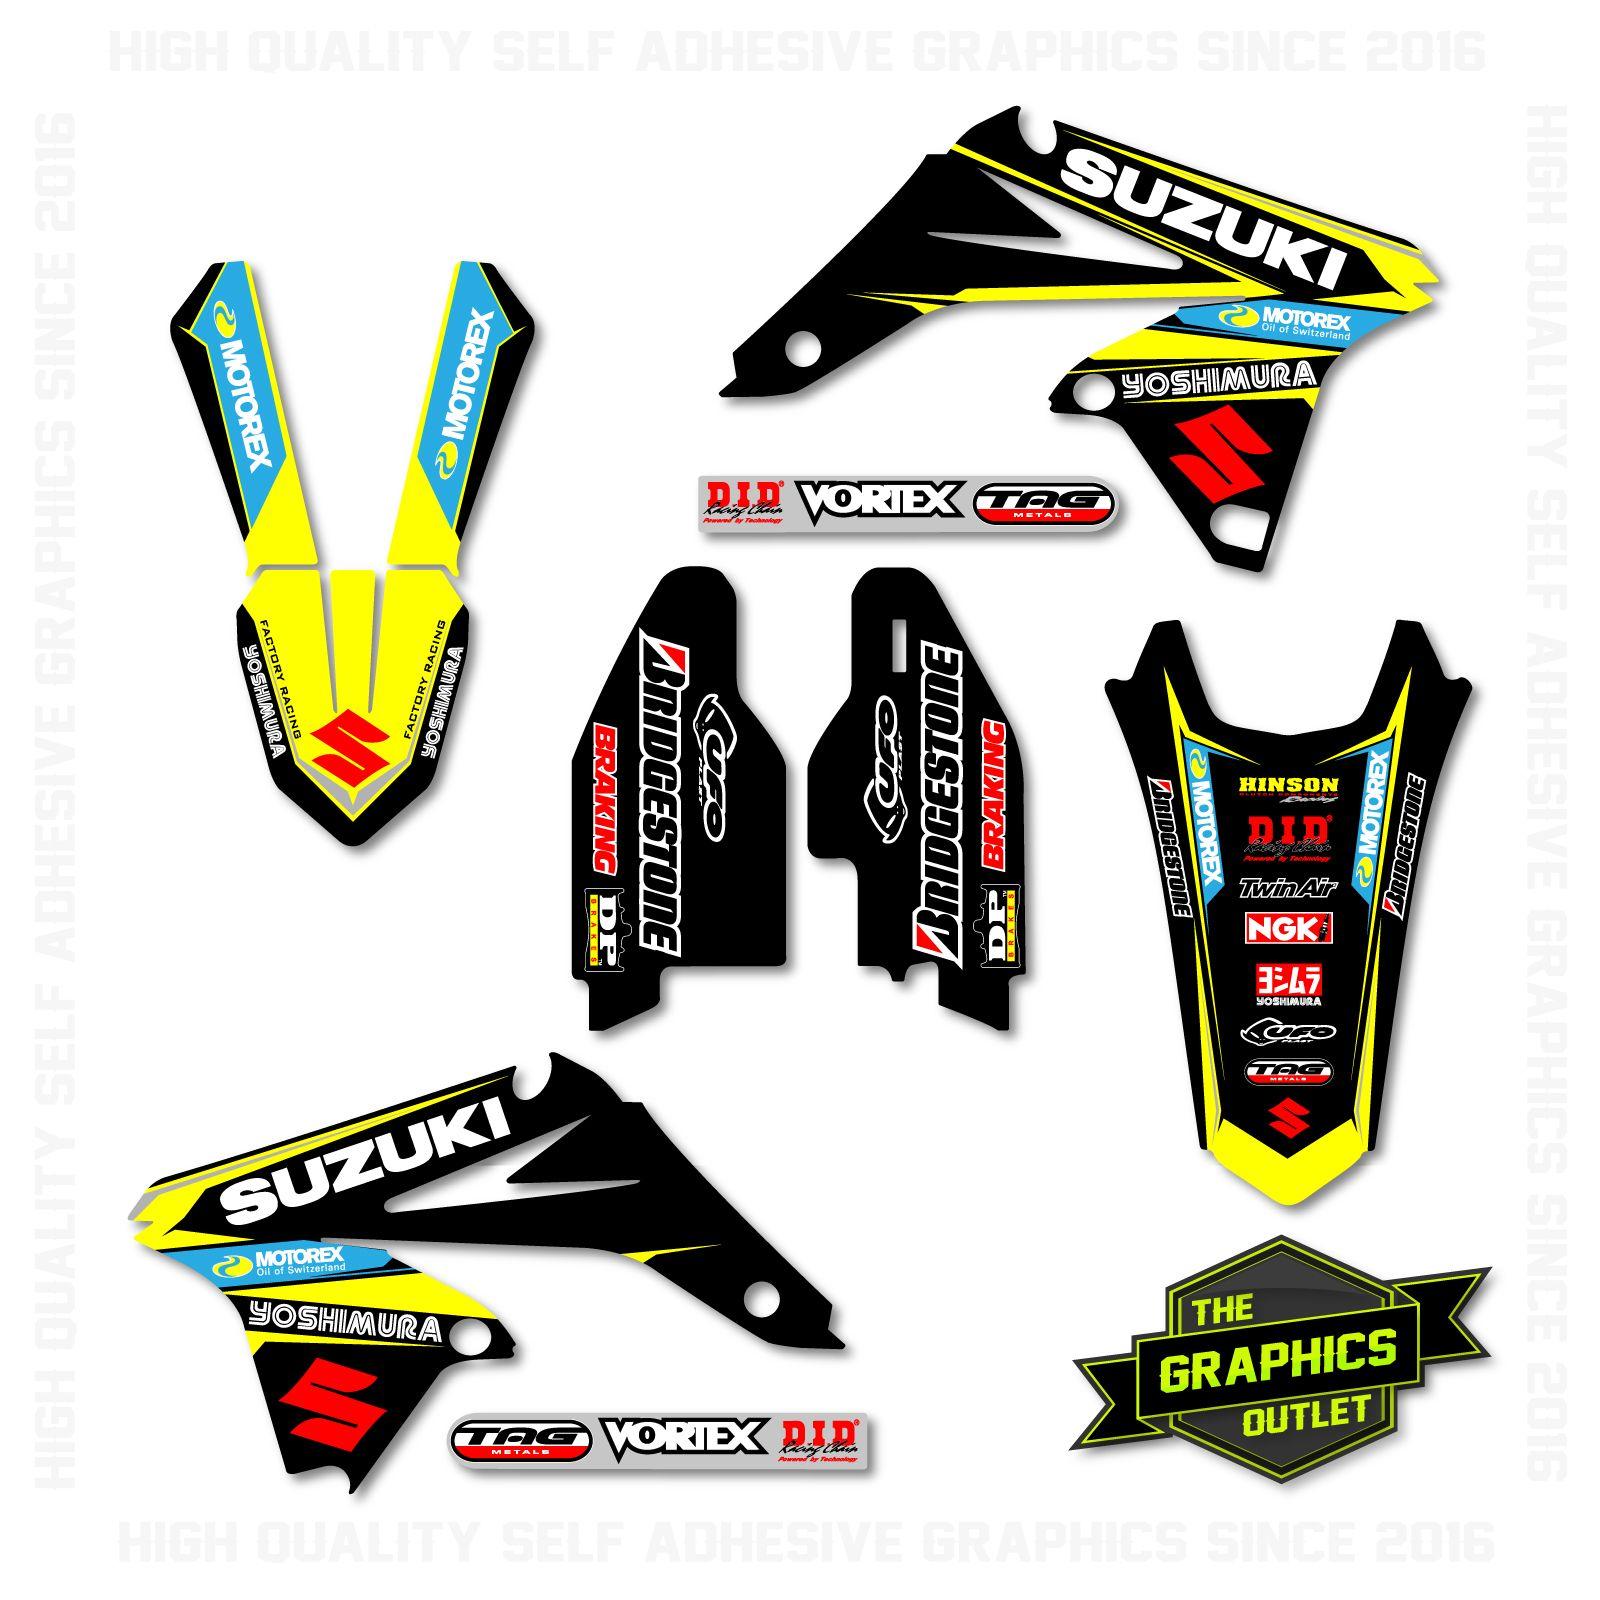 2010-2018  SUZUKI RMZ 250 YOSHIMURA Dirt Bike Graphics kit Motocross Decals